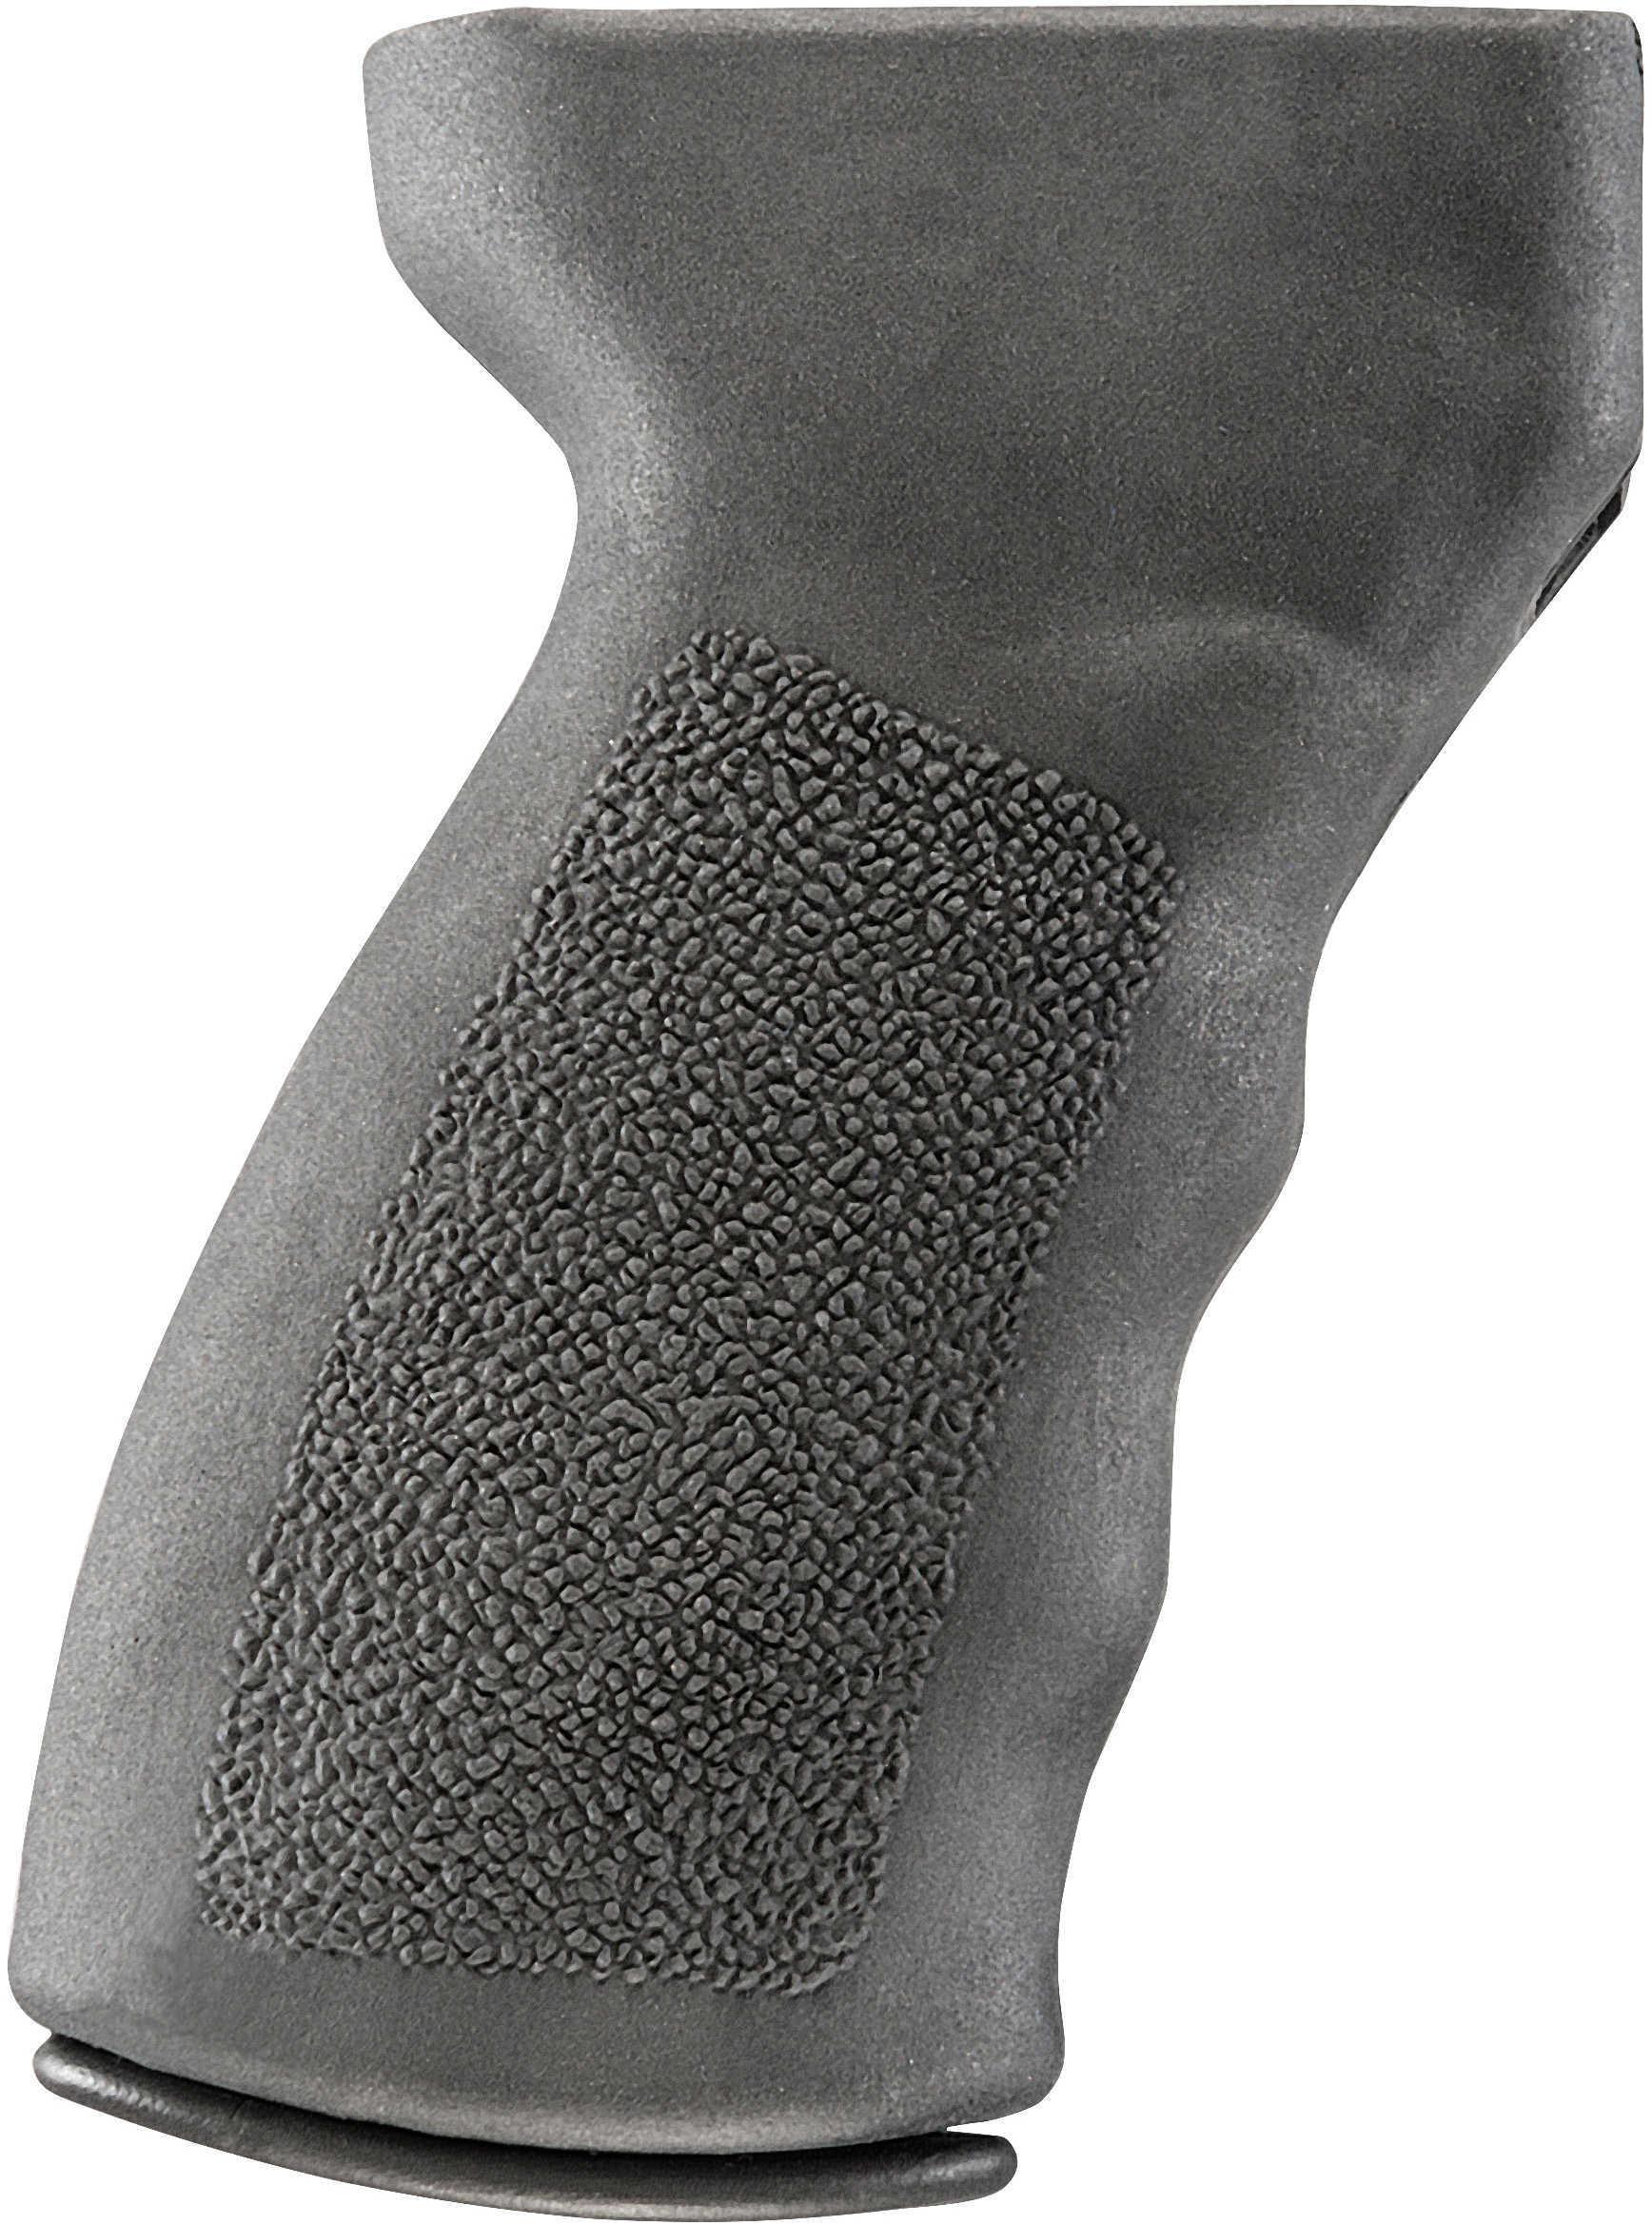 Ergo AK Pistol Grip Classic SUREGrip Black